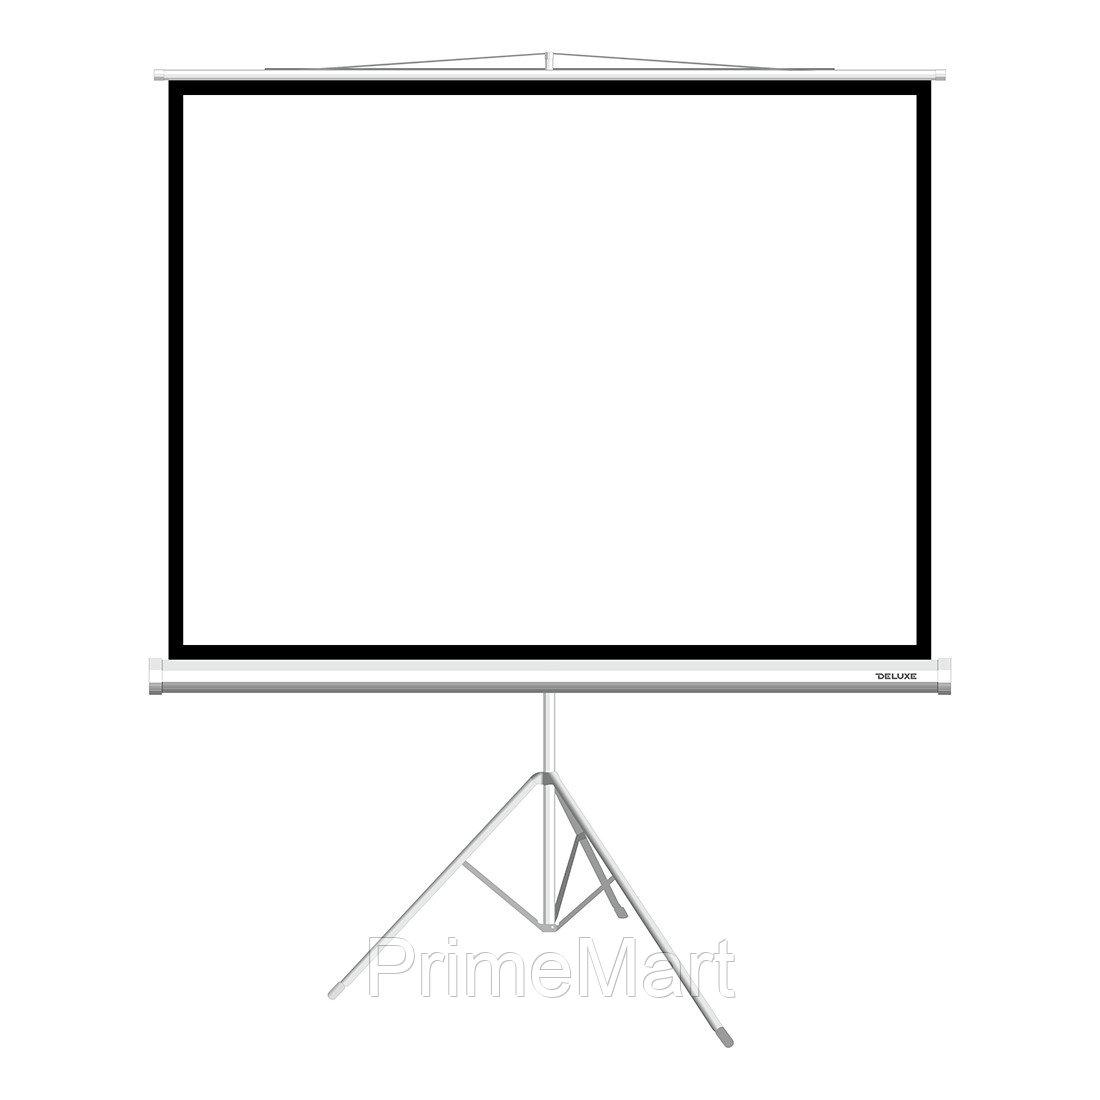 Экран на треноге, Deluxe, DLS-T203xW, Рабочая поверхность 195х195 см., 1:1, Matt white, Белый